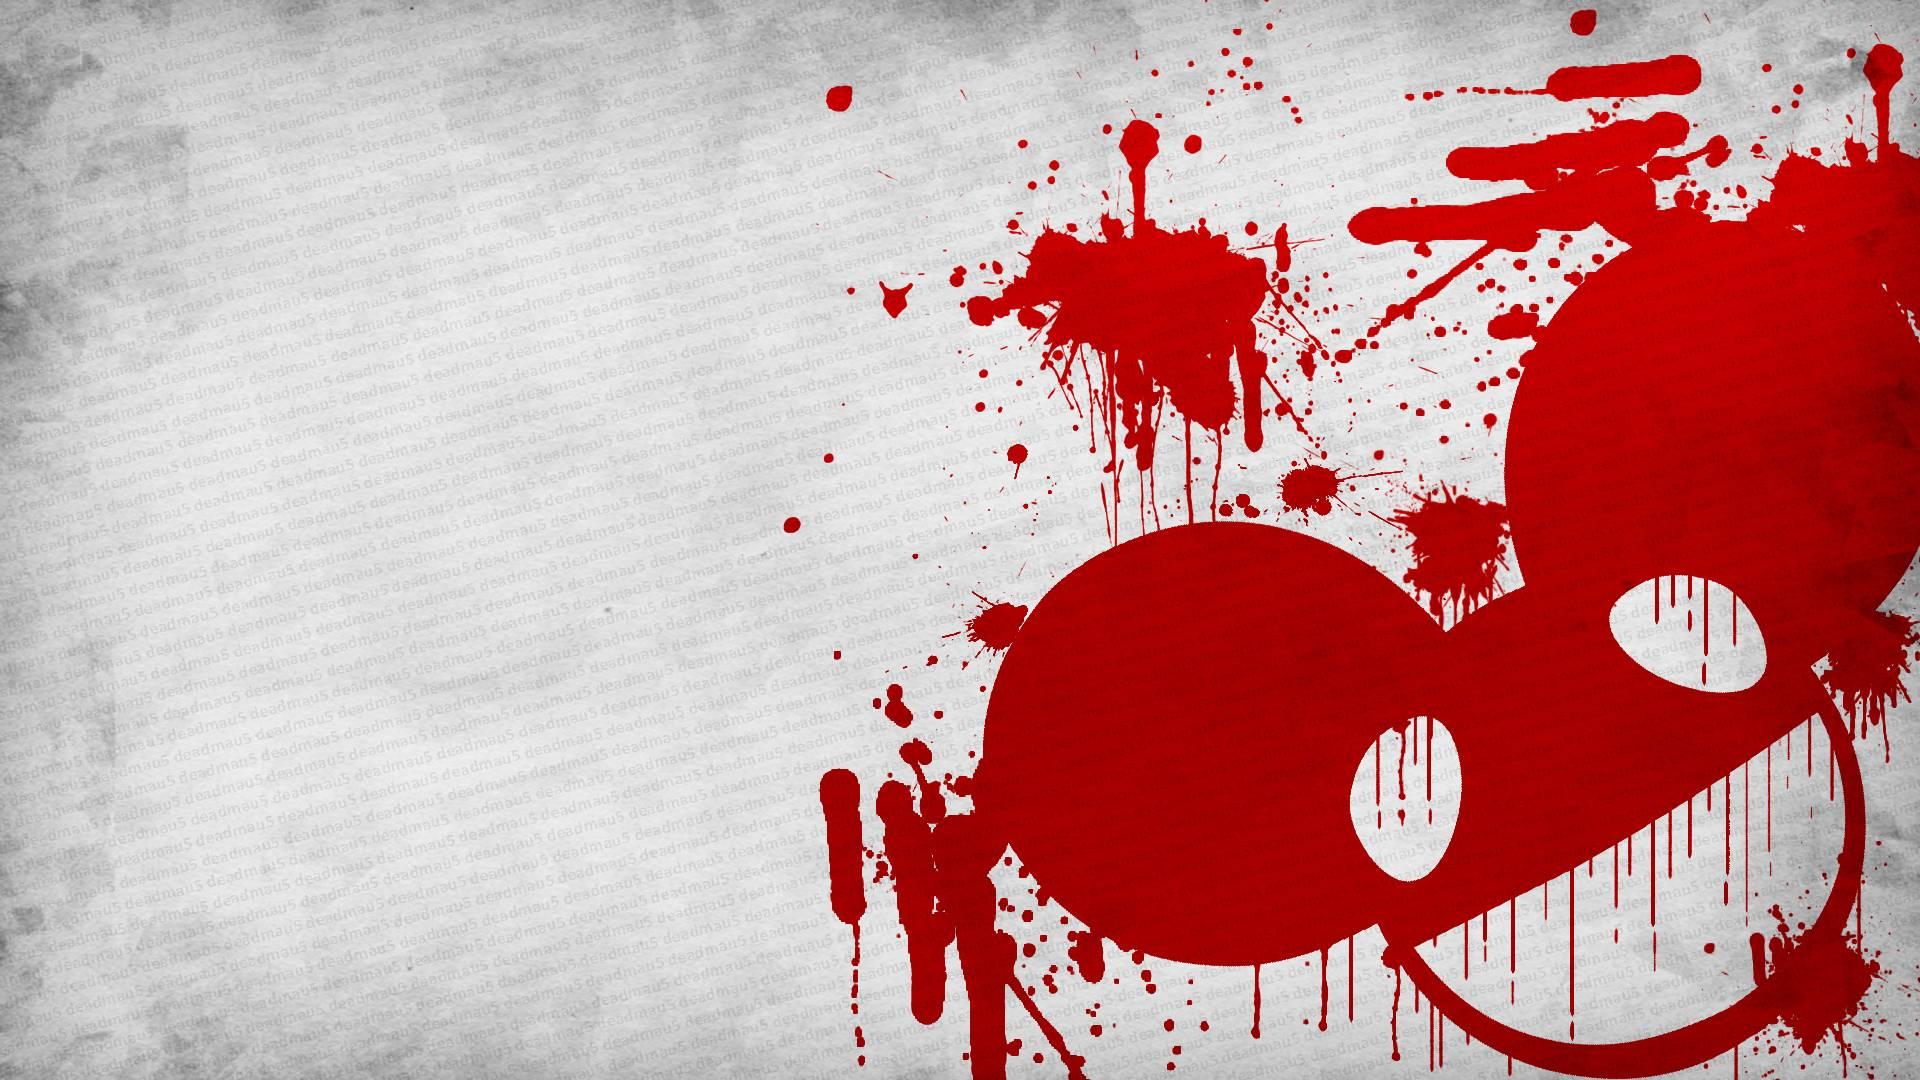 deadmau5 music red wallpaper - photo #29